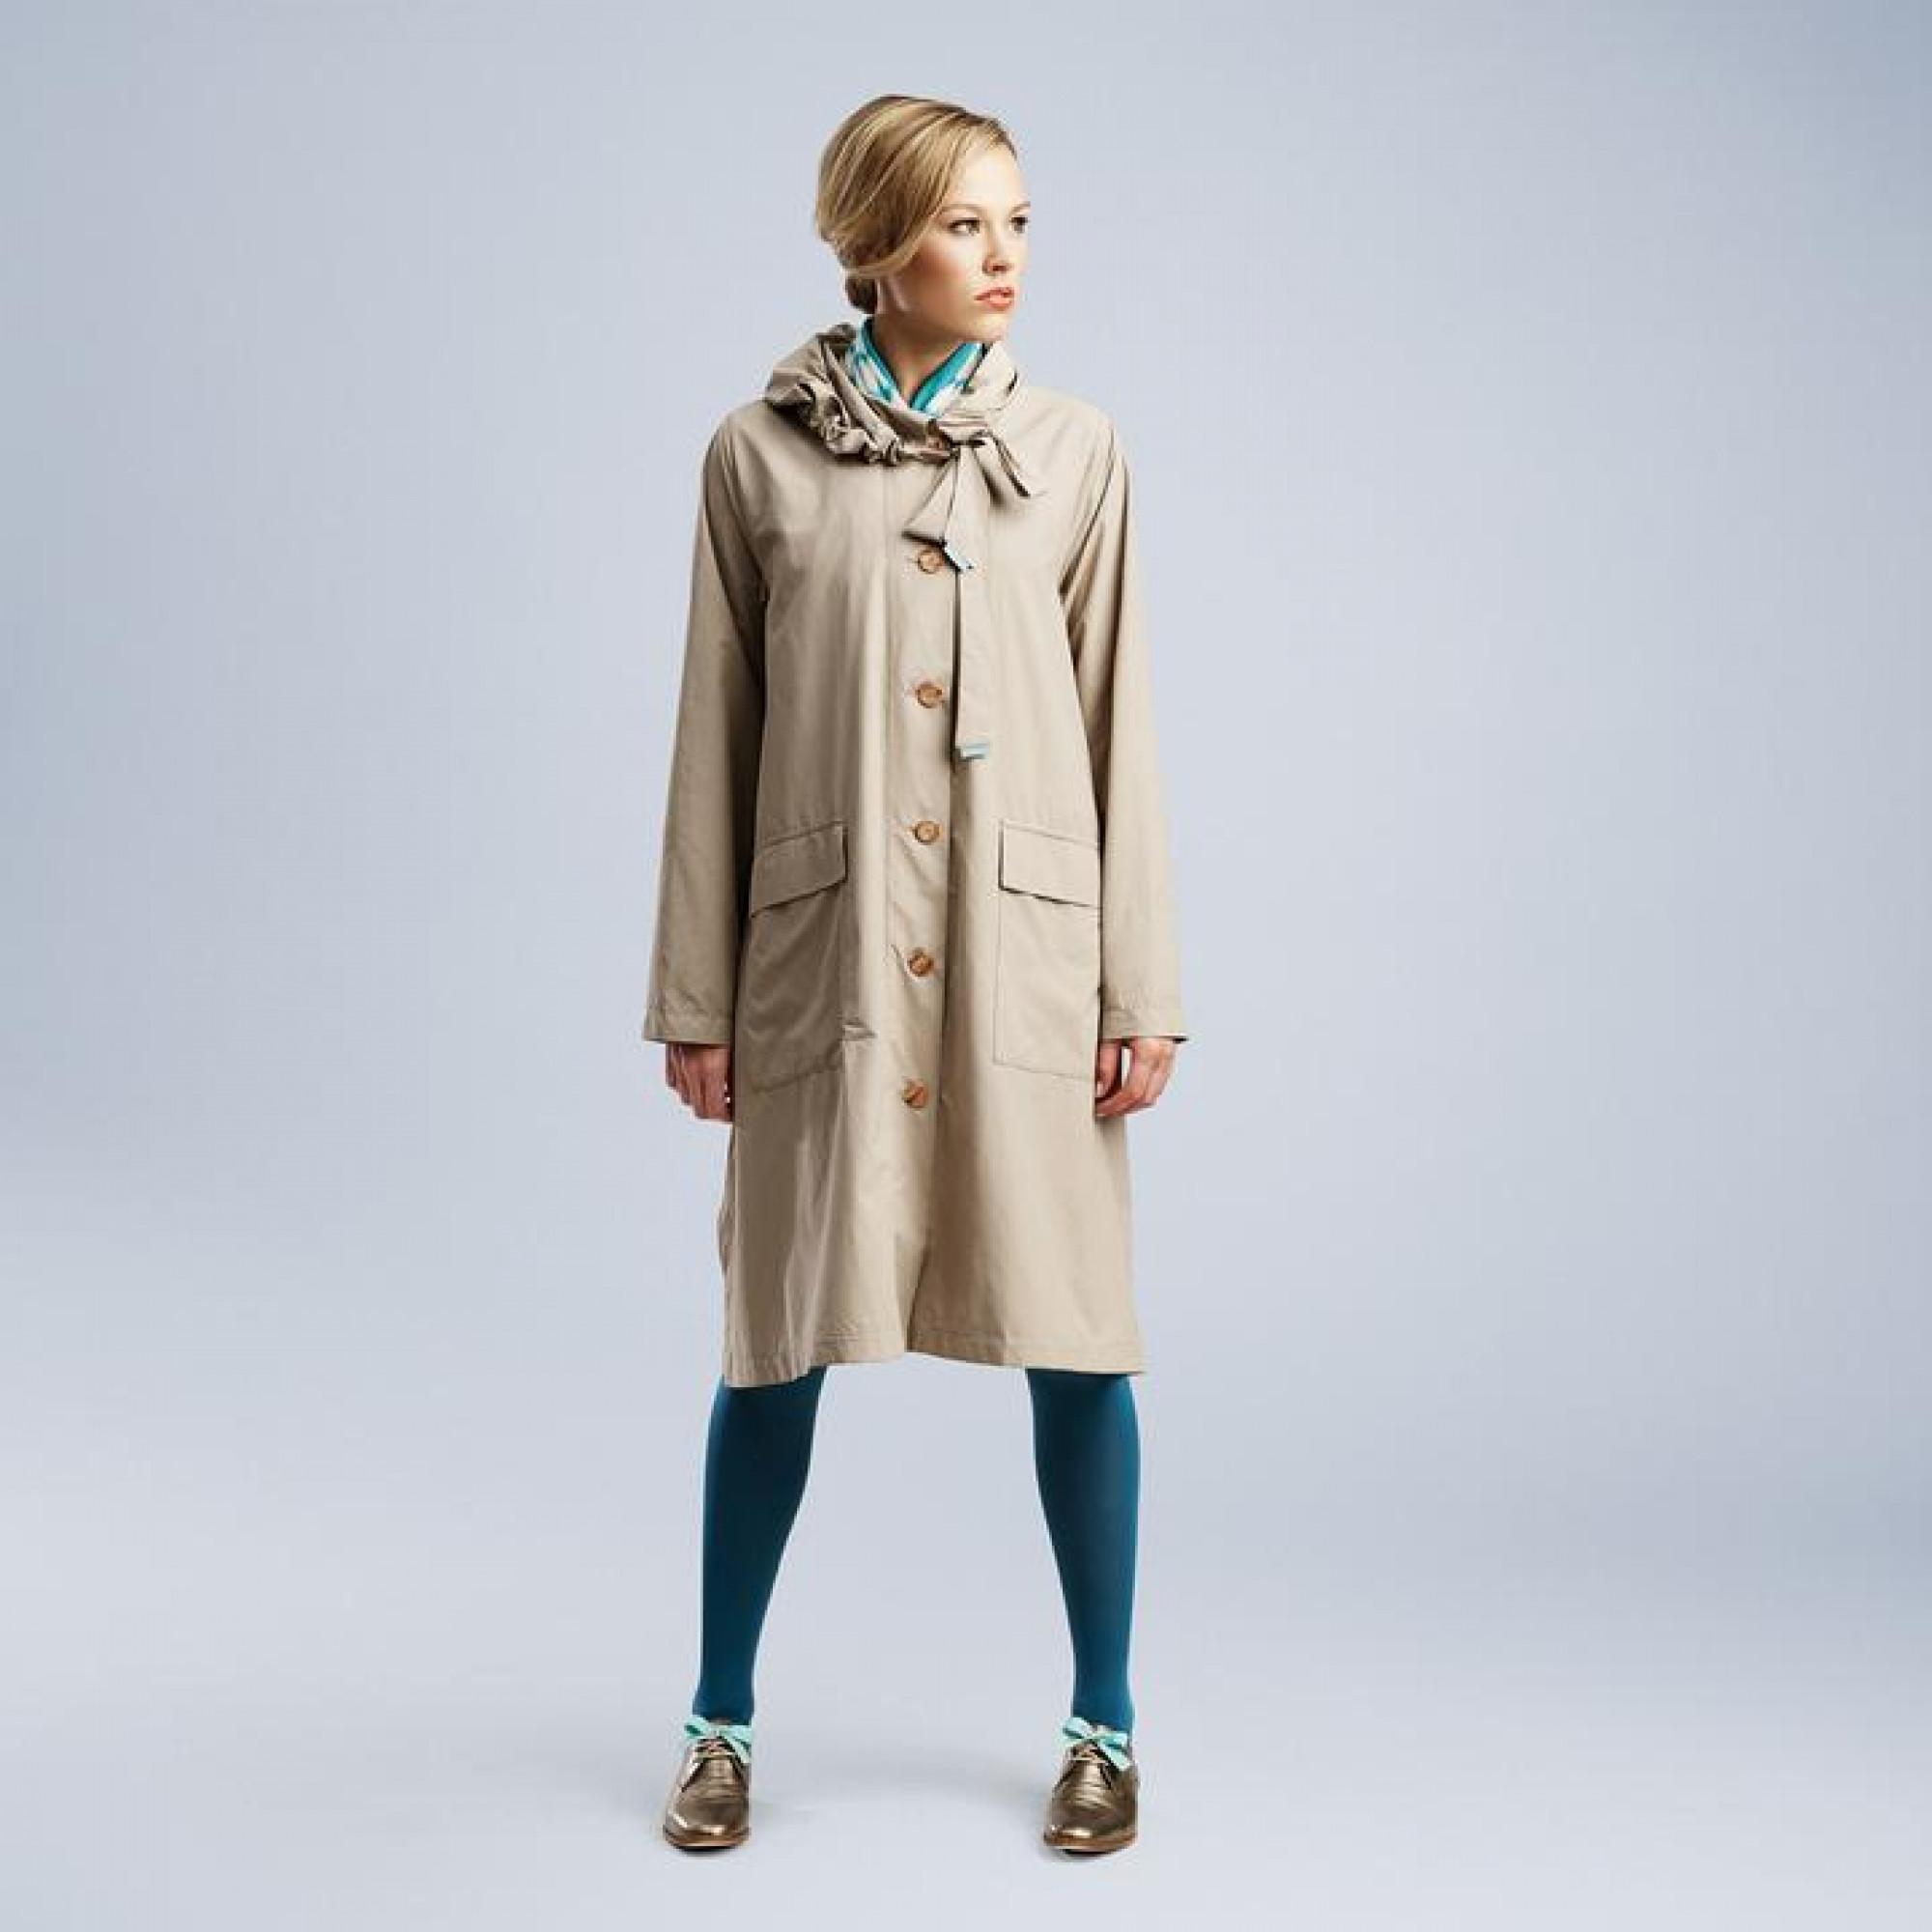 Raincoat   The Classic Green